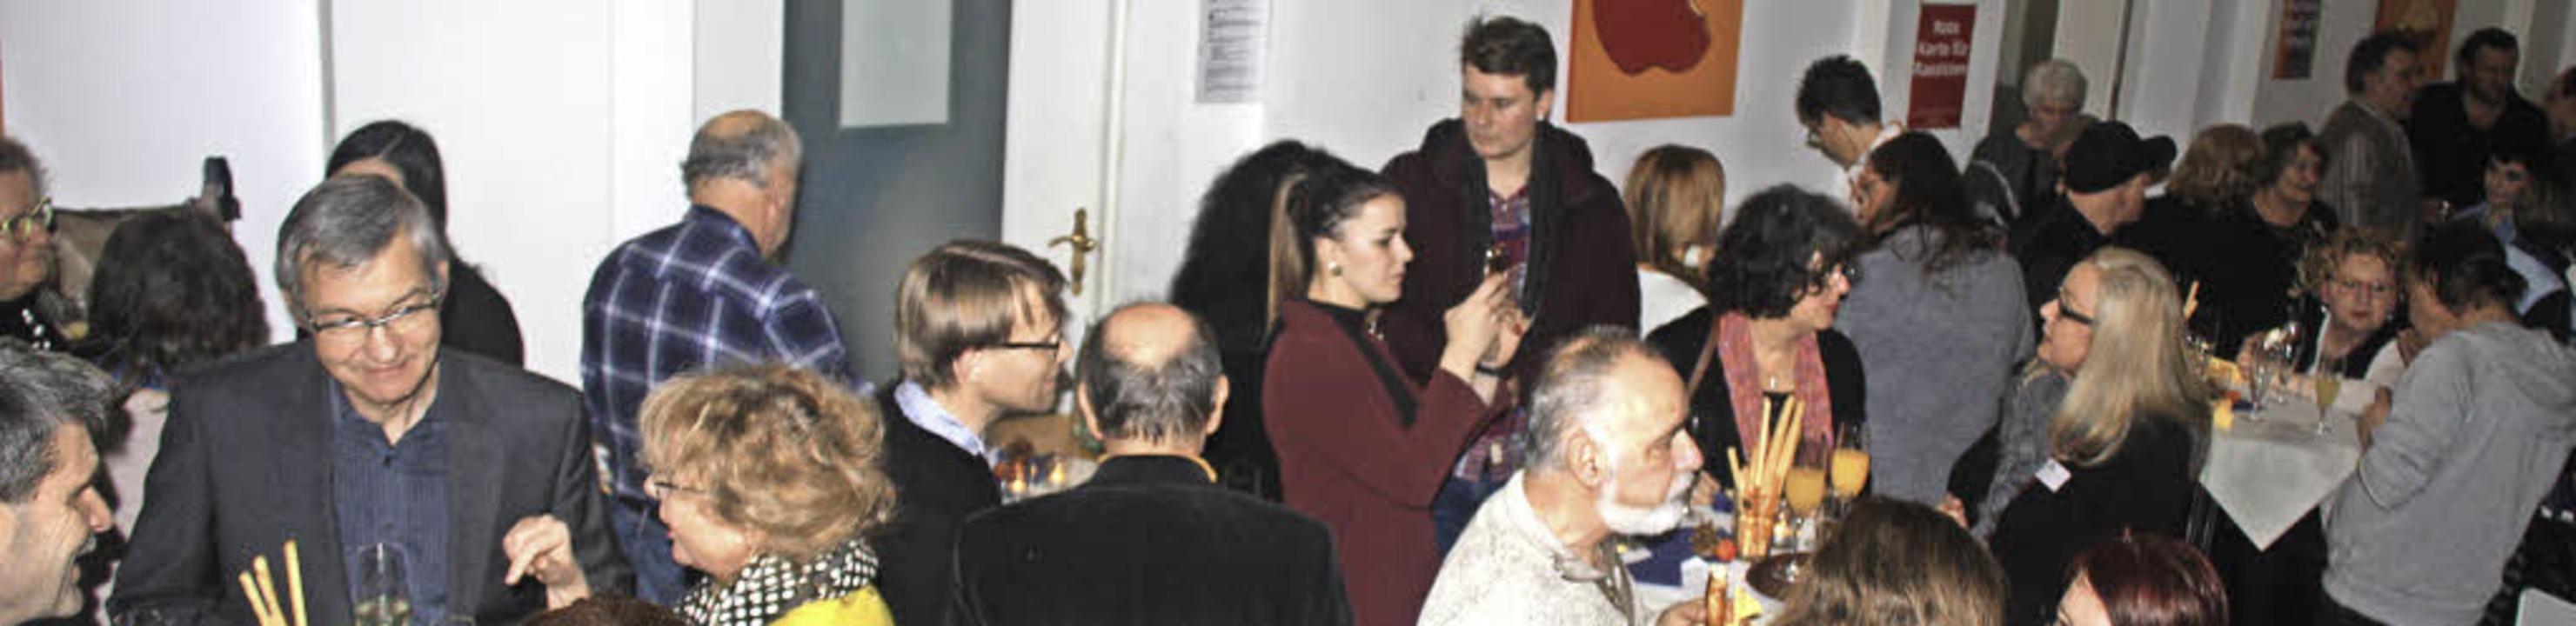 Der Wandel, in dem sich Friedlingen be...Neujahrsempfang des Stadtteilvereins.   | Foto: Siemann